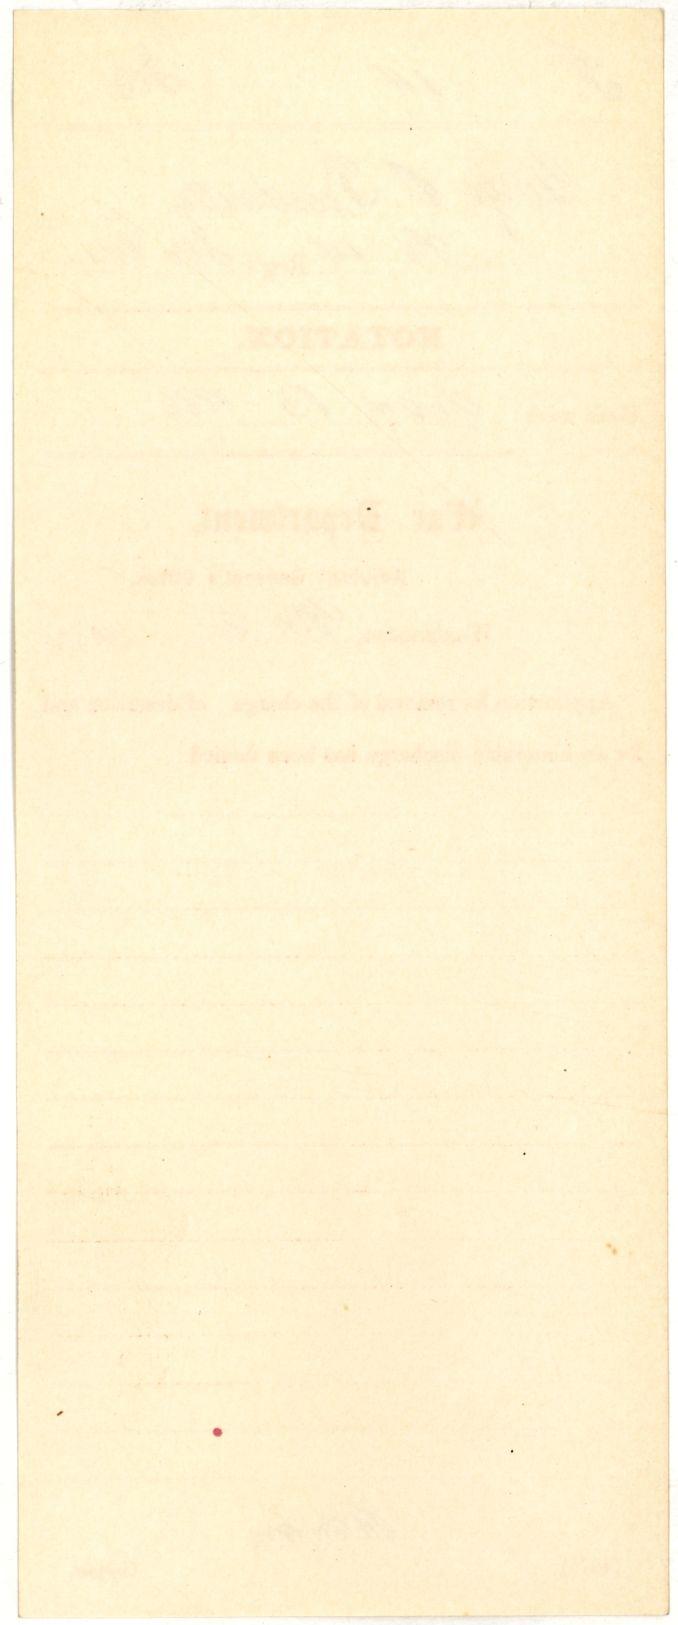 George-Trautvetter-Civil-War-CMSR-0010